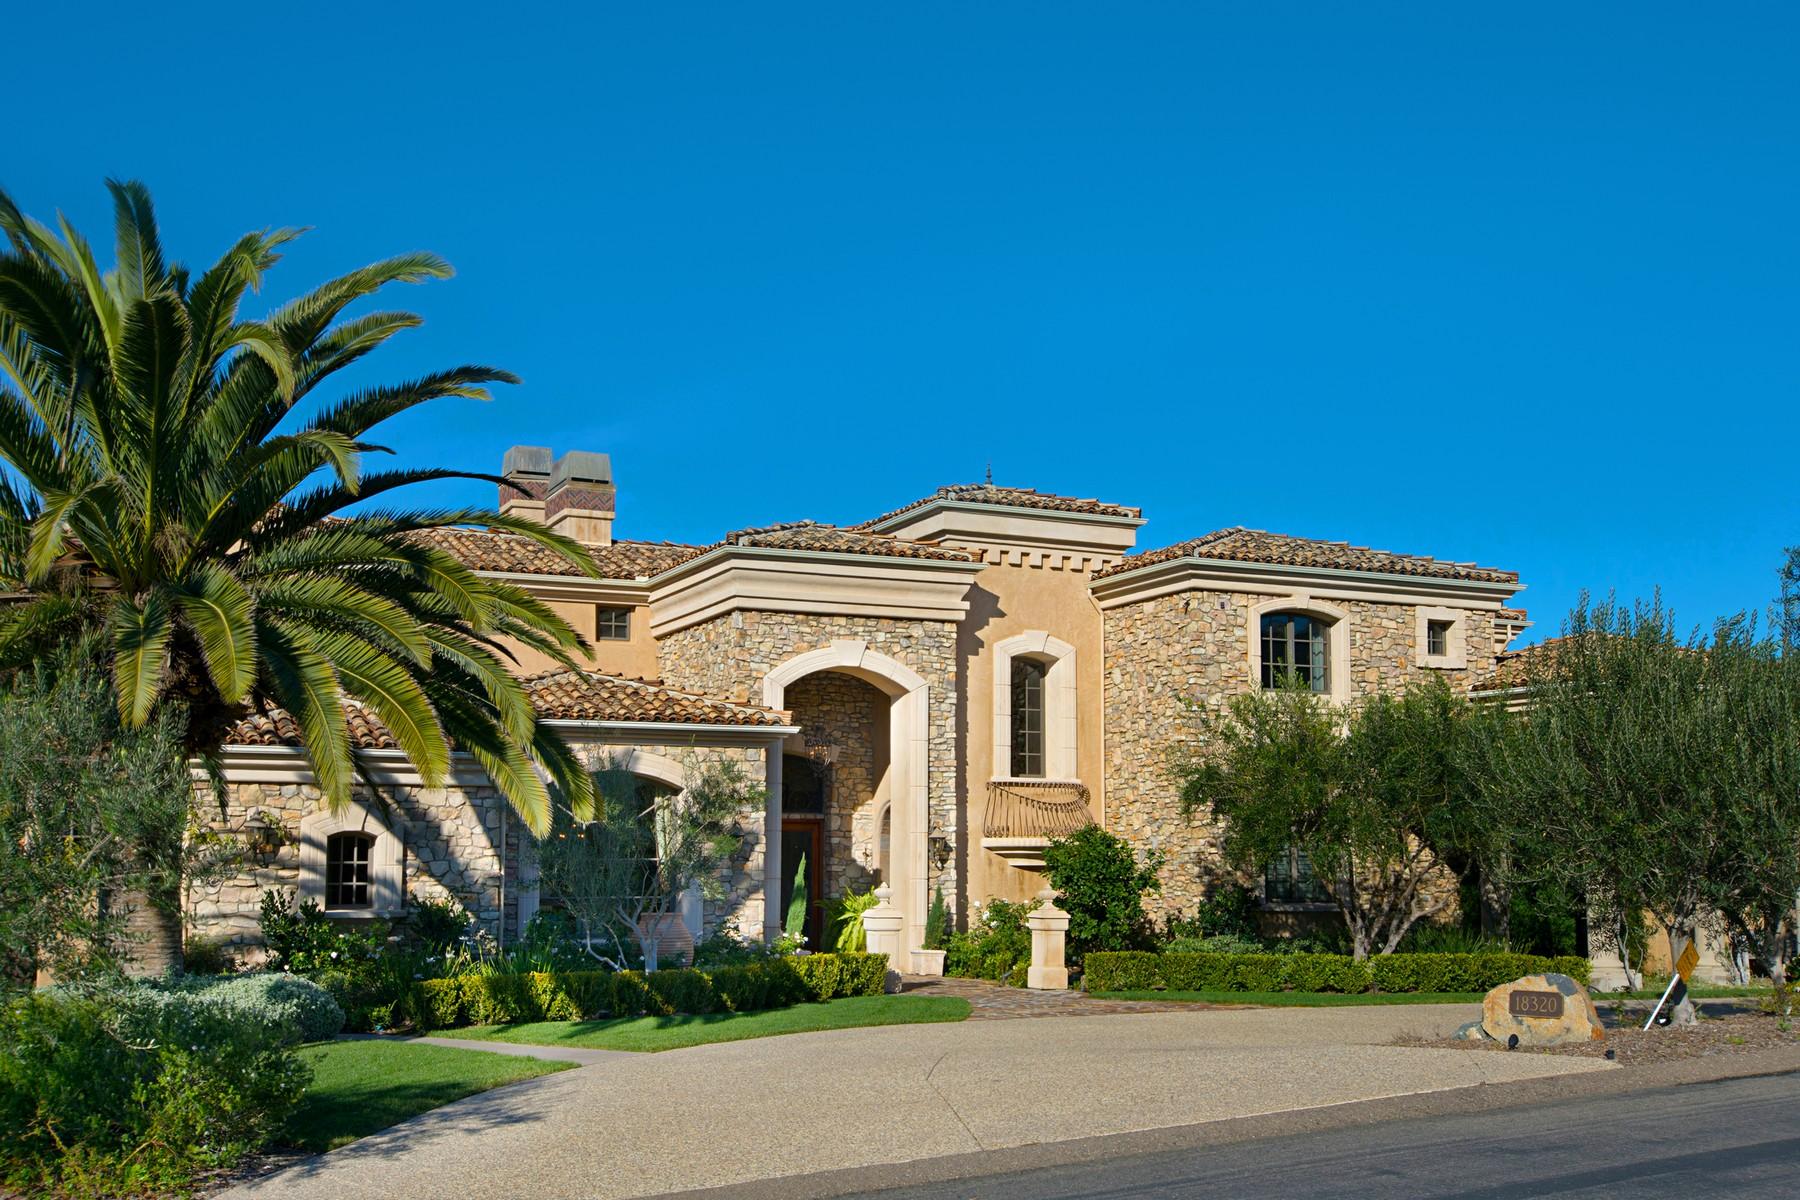 独户住宅 为 销售 在 18320 Via Ambiente Rancho Santa Fe, 加利福尼亚州, 92067 美国